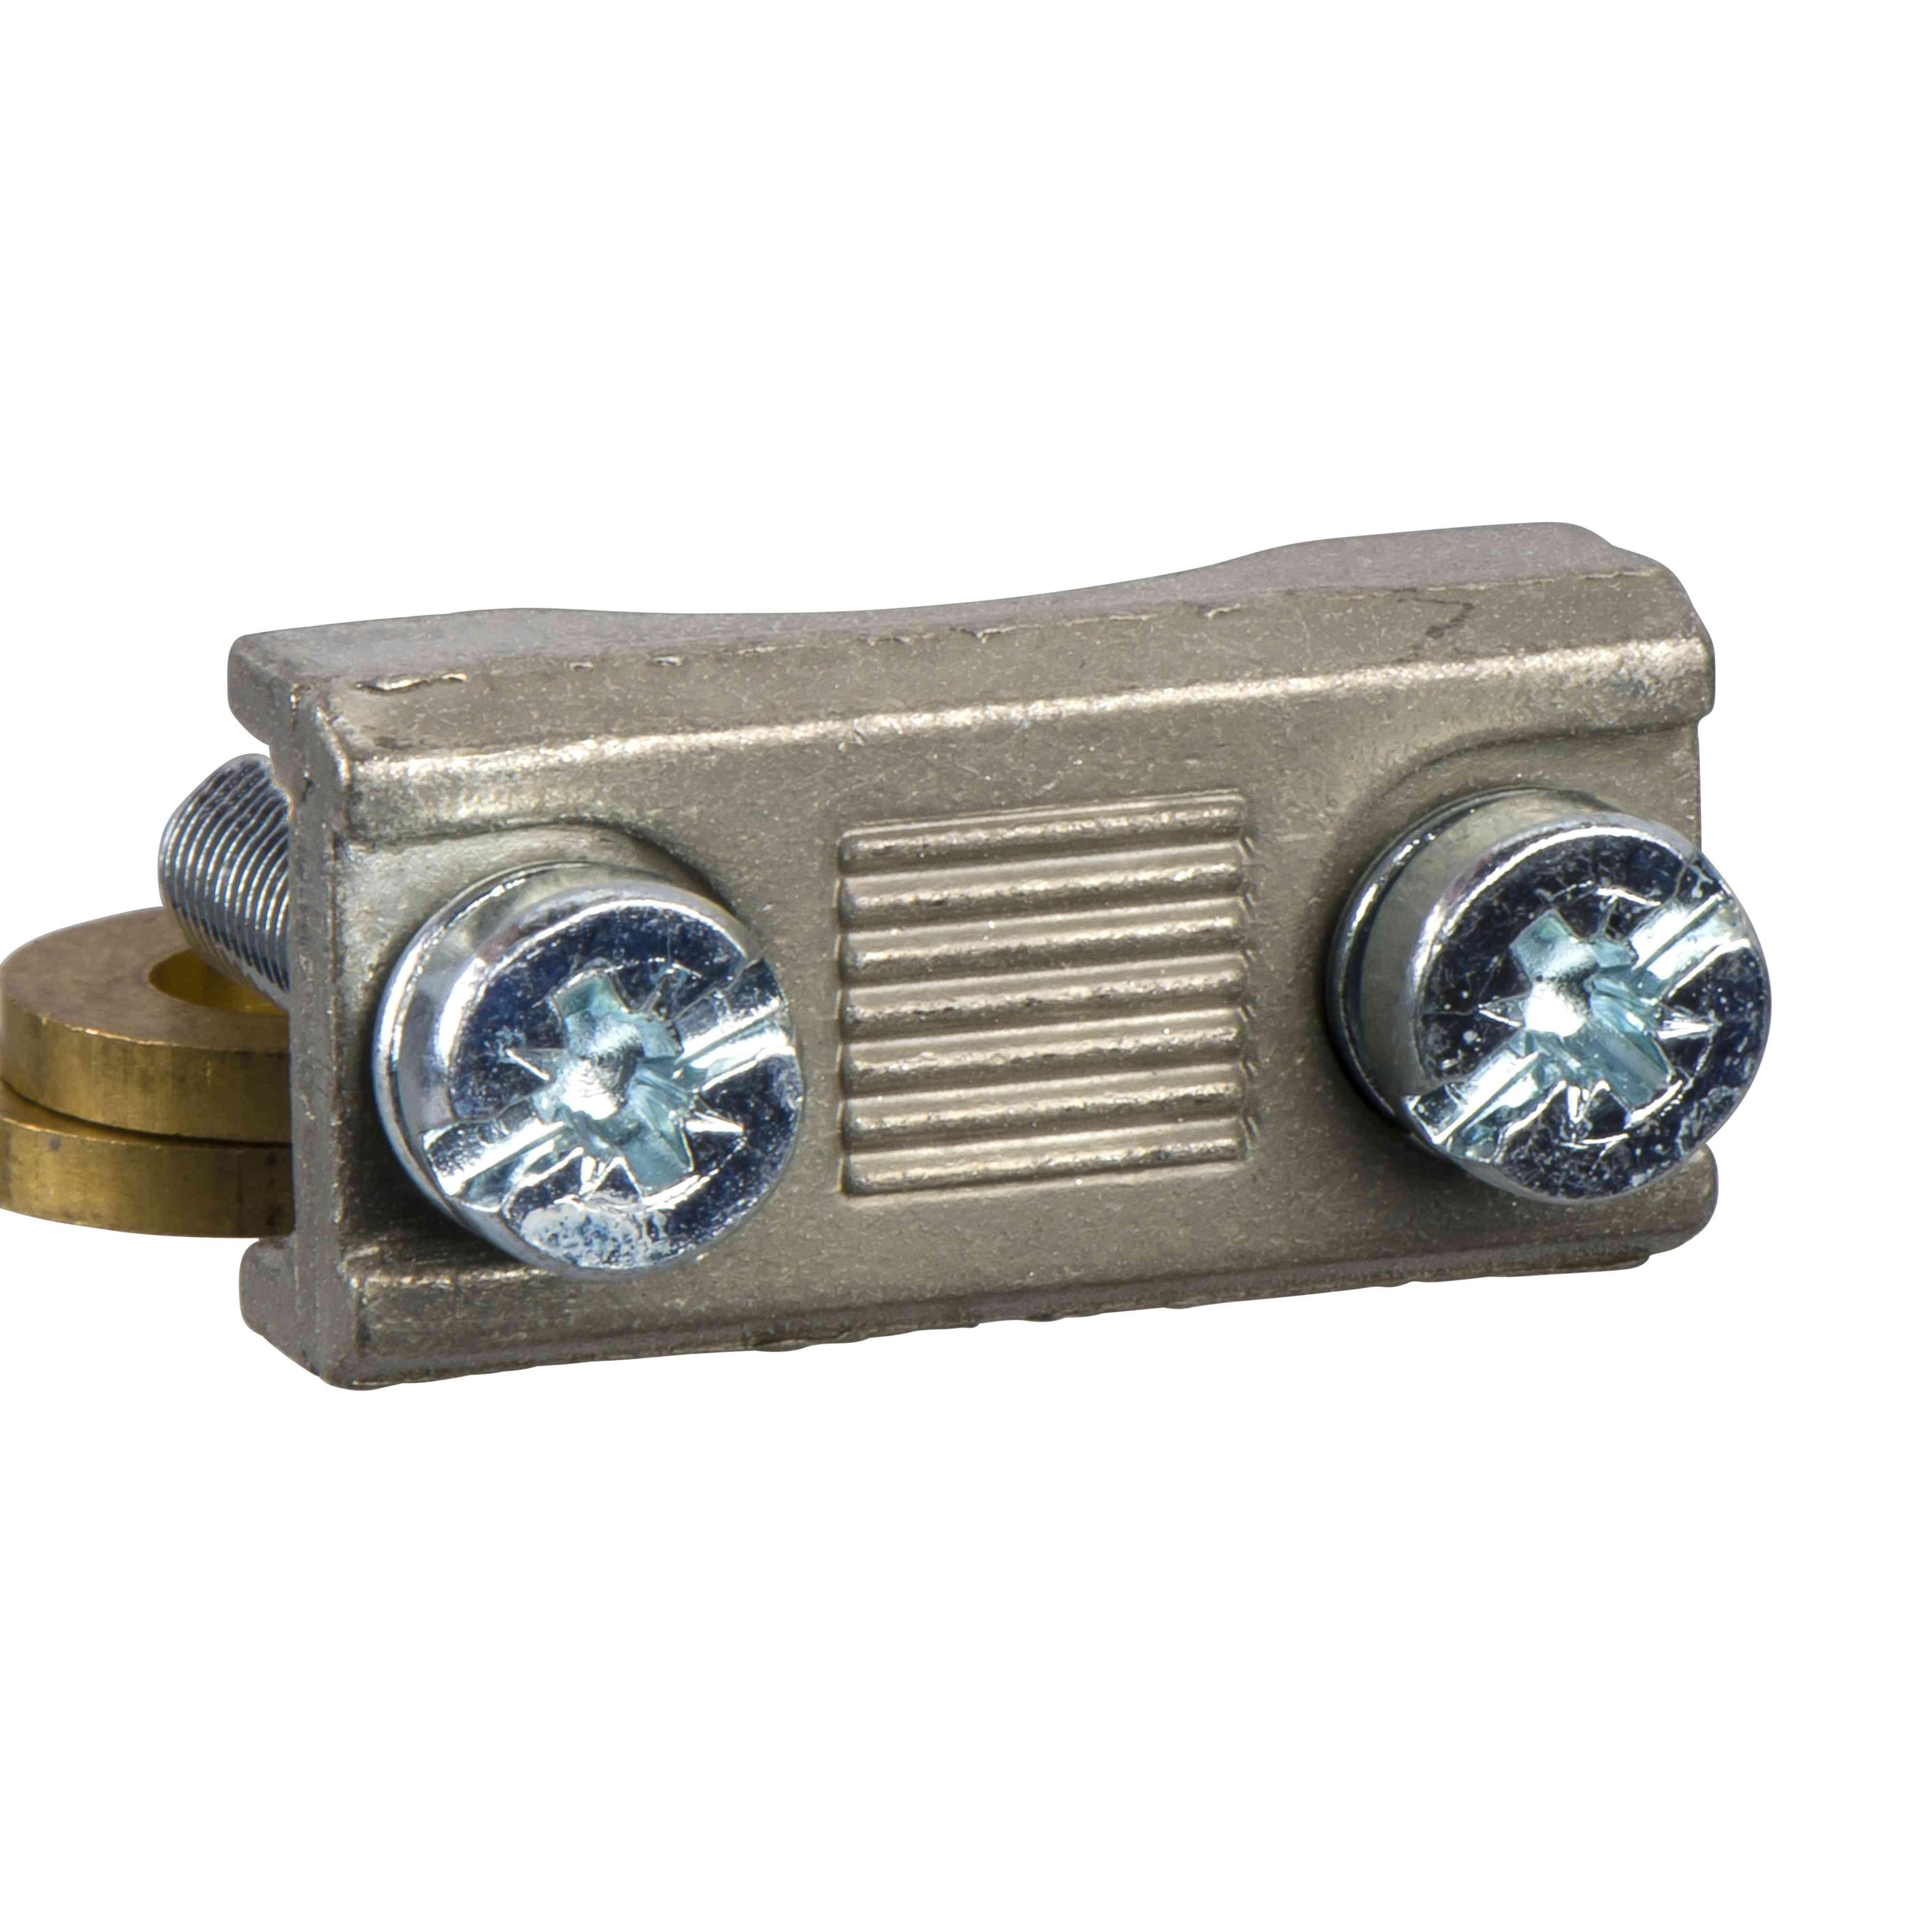 Konektor za prilagodljive zbiralke (x 3) - 12 x 6 mm - za M8 - za Fupact ISFL160